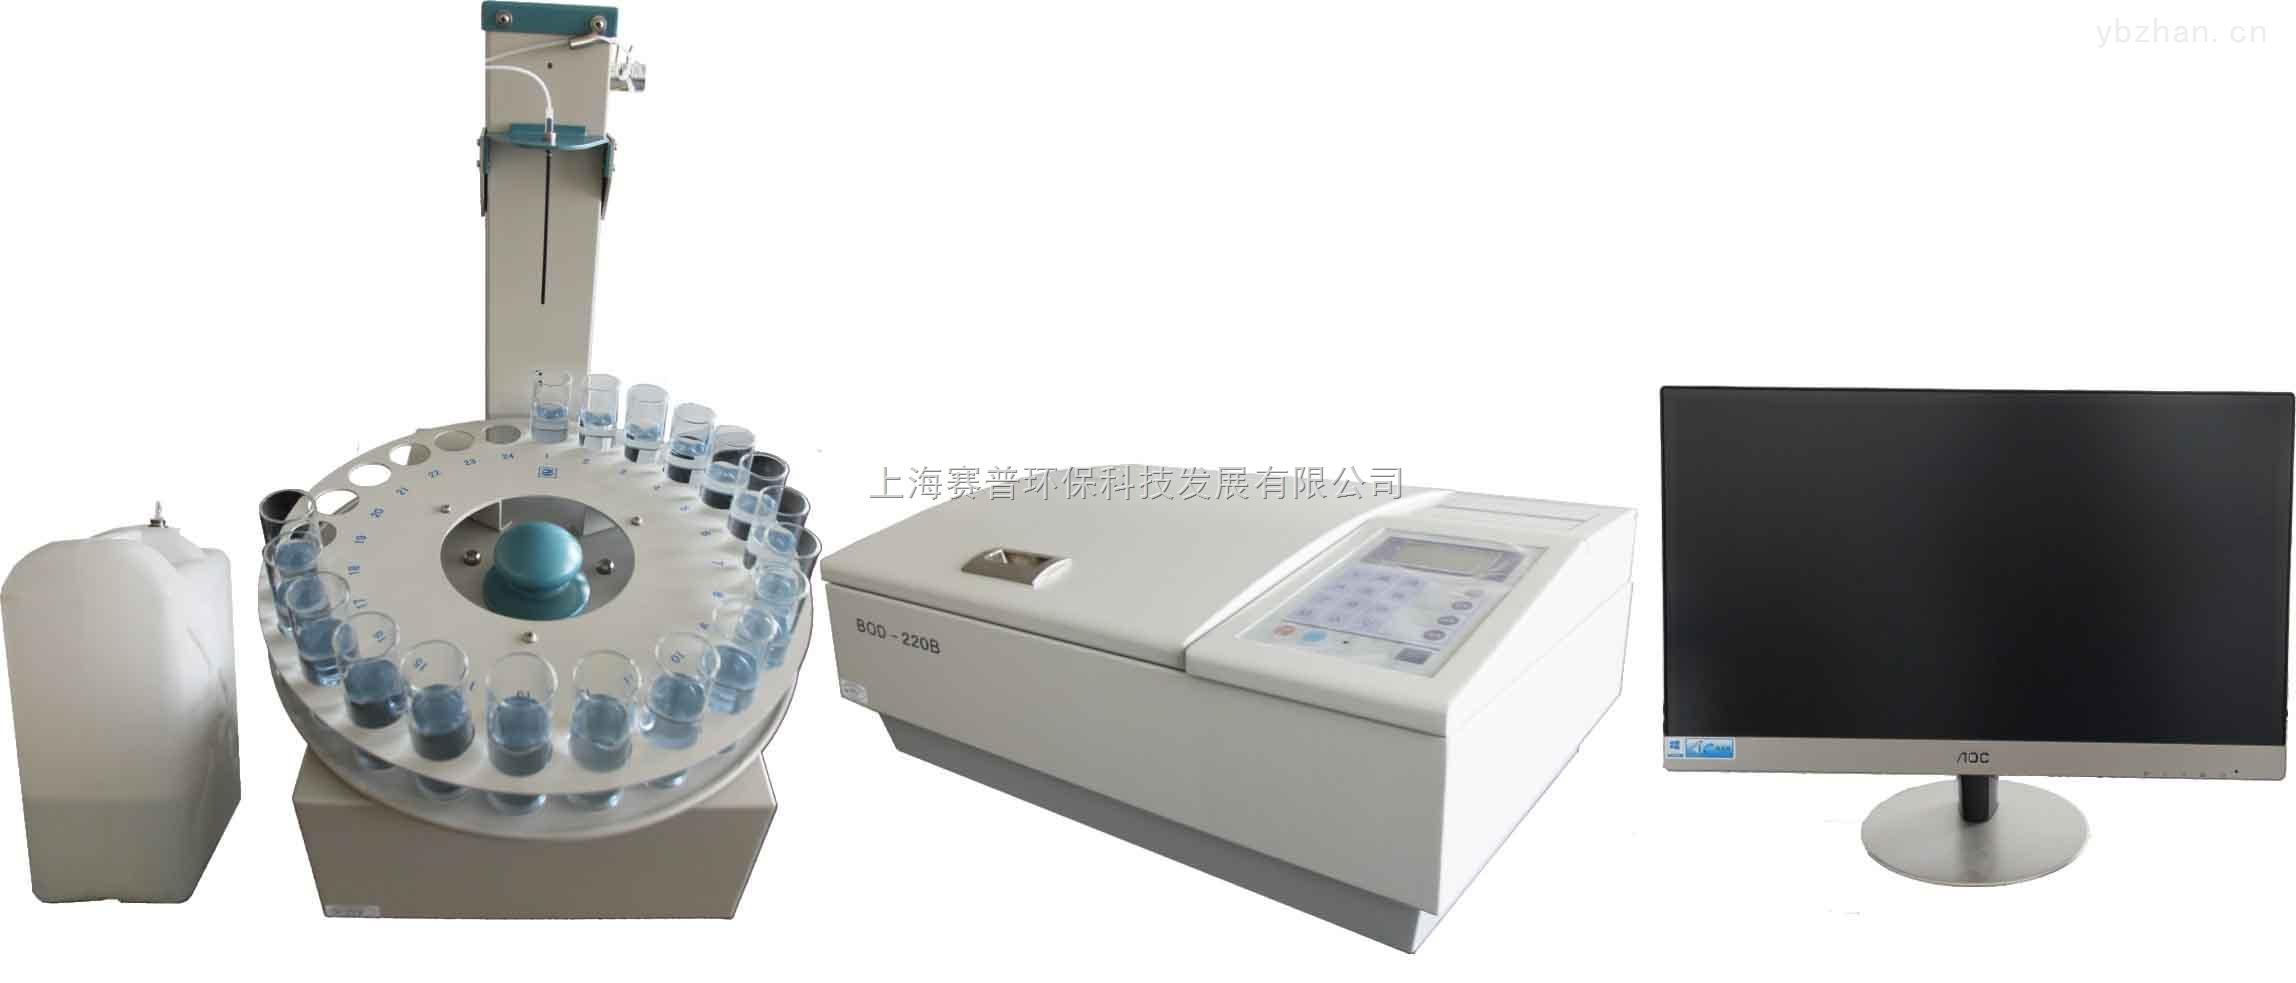 BOD-220B微生物電極法BOD快速測定儀